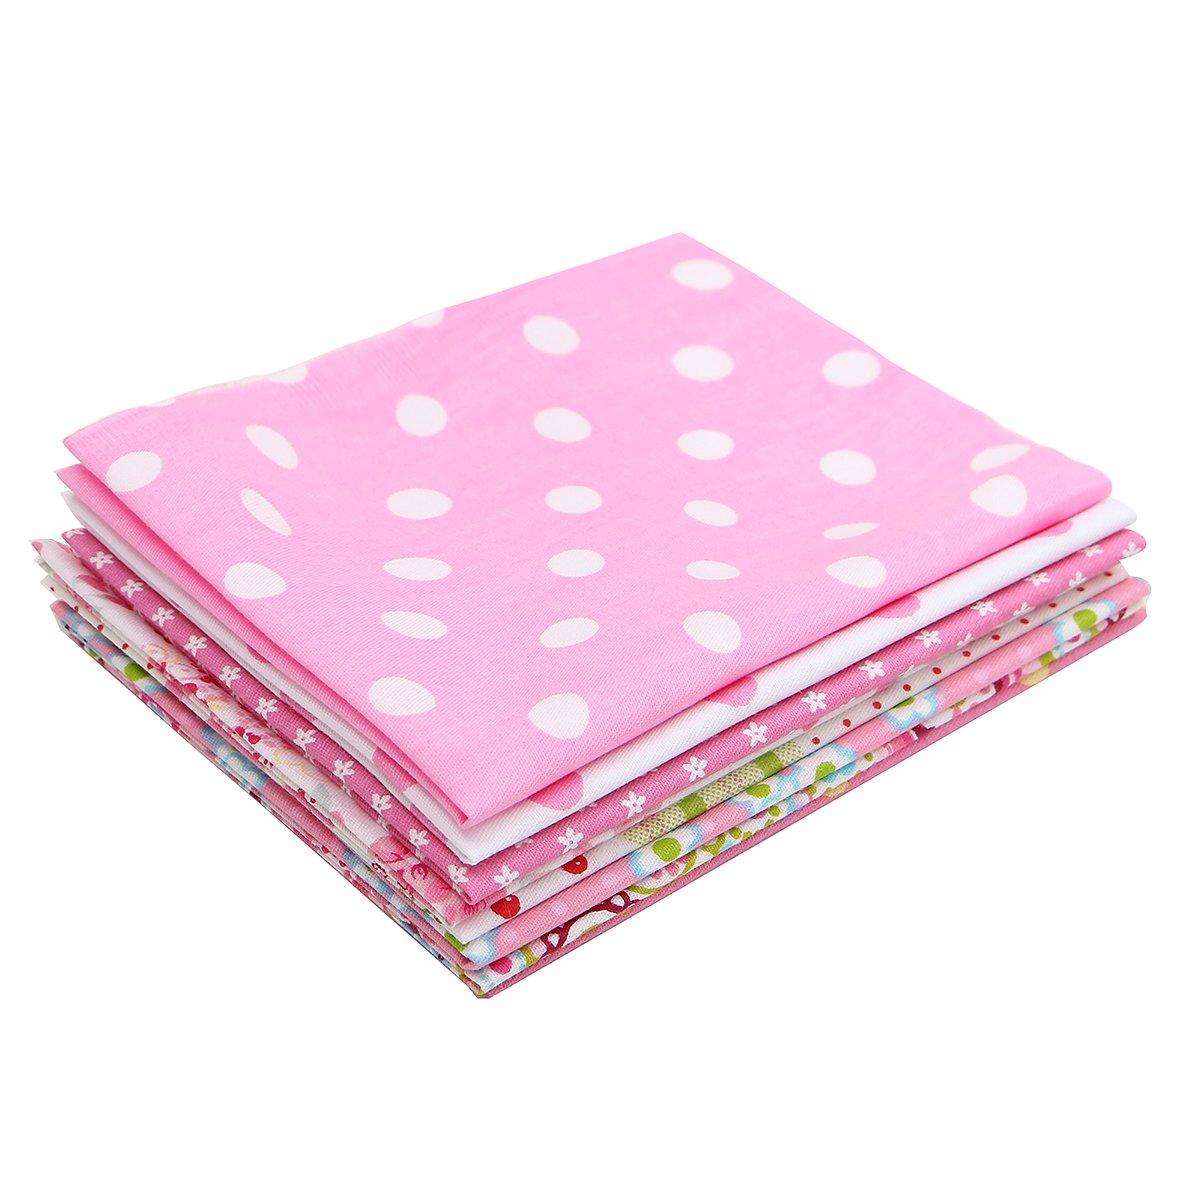 Baban 8pcs Telas de bricolaje de tela / tela de color rosa adecuados para el elemento decorativo y regalo hecho a mano, tales como bufandas, chales, ...